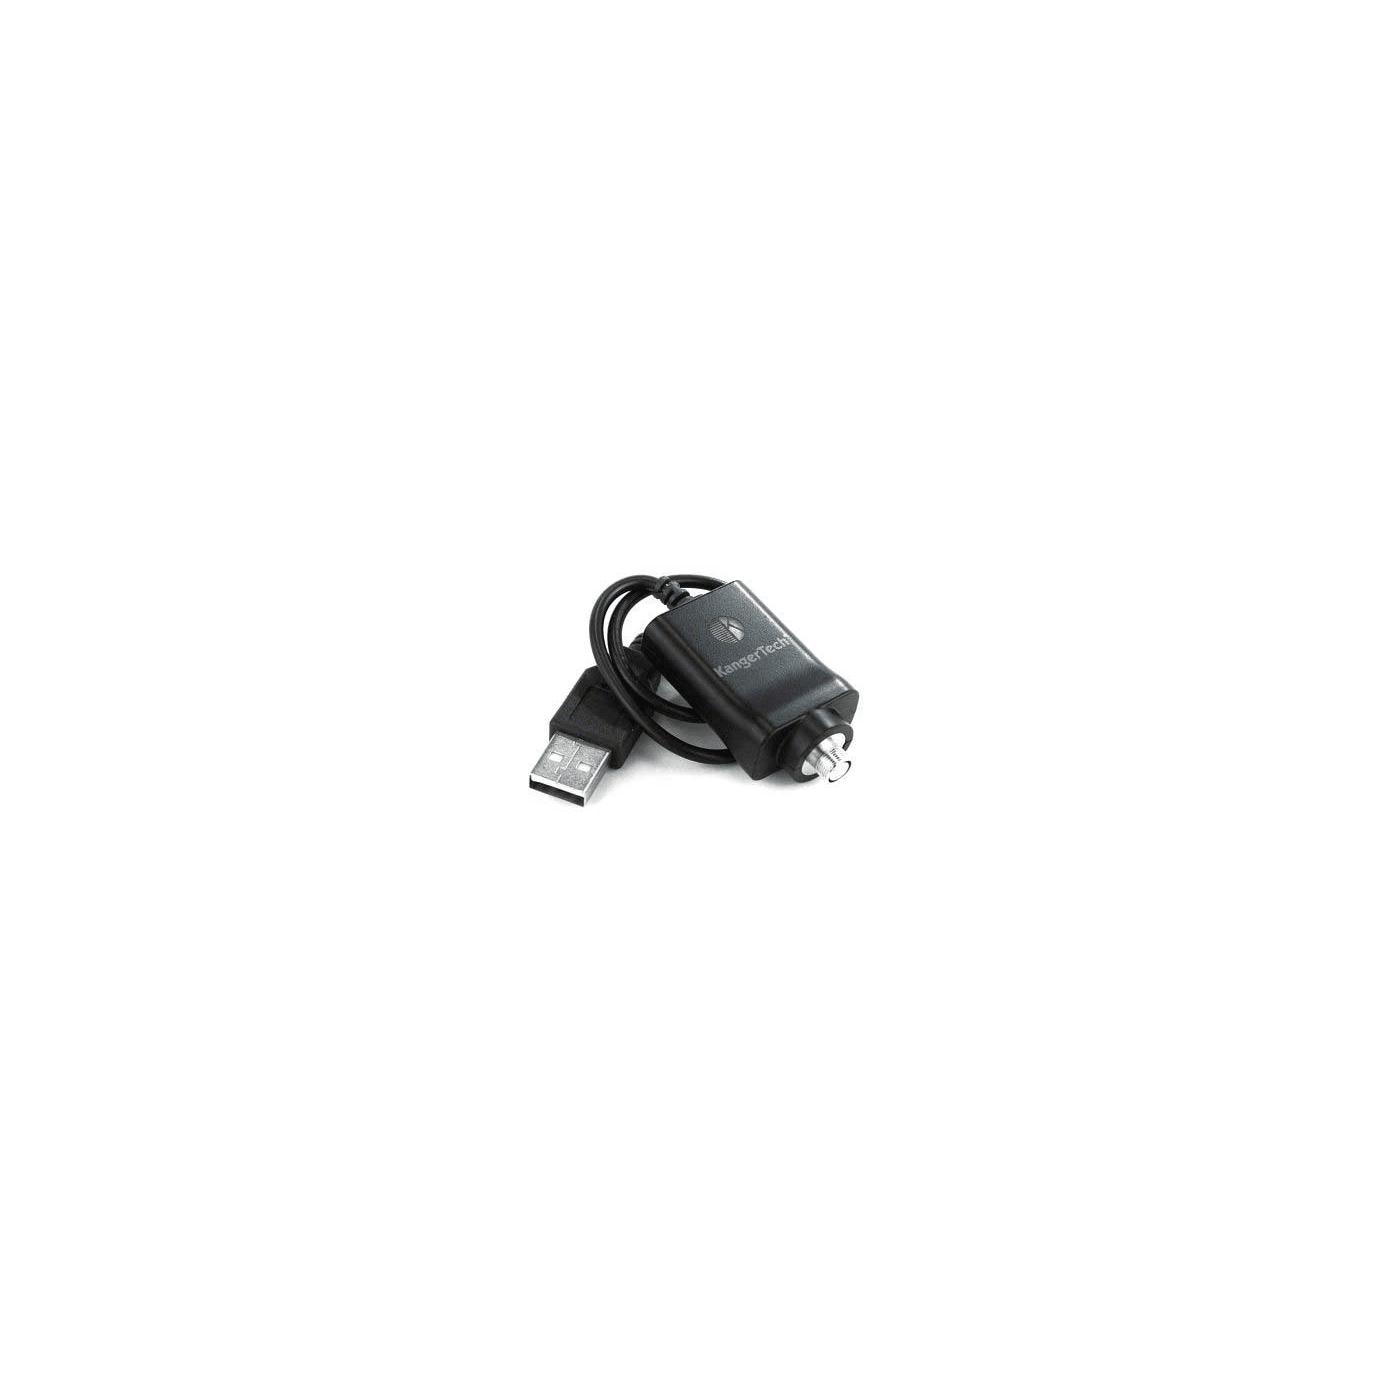 EVOD USB Cord 400 mAh